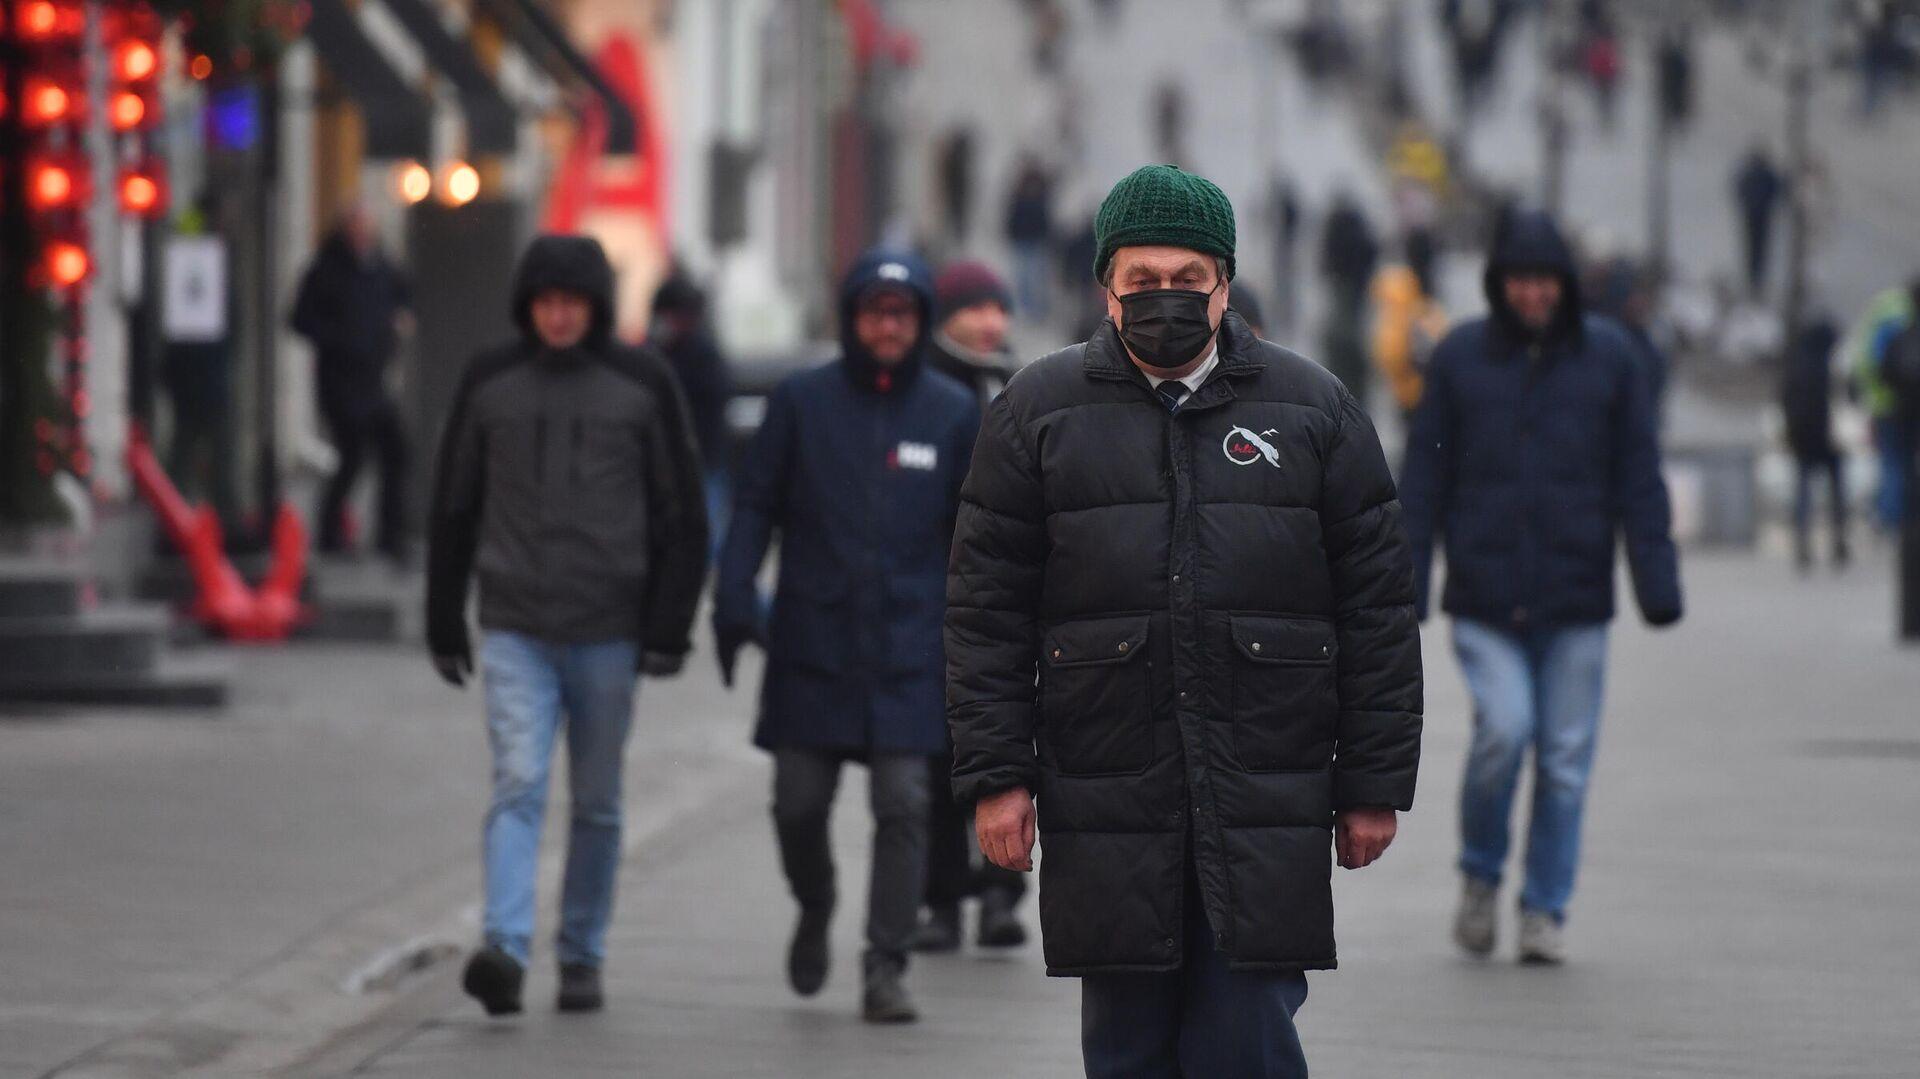 Прохожие в защитных масках на улице в Москве - РИА Новости, 1920, 27.11.2020